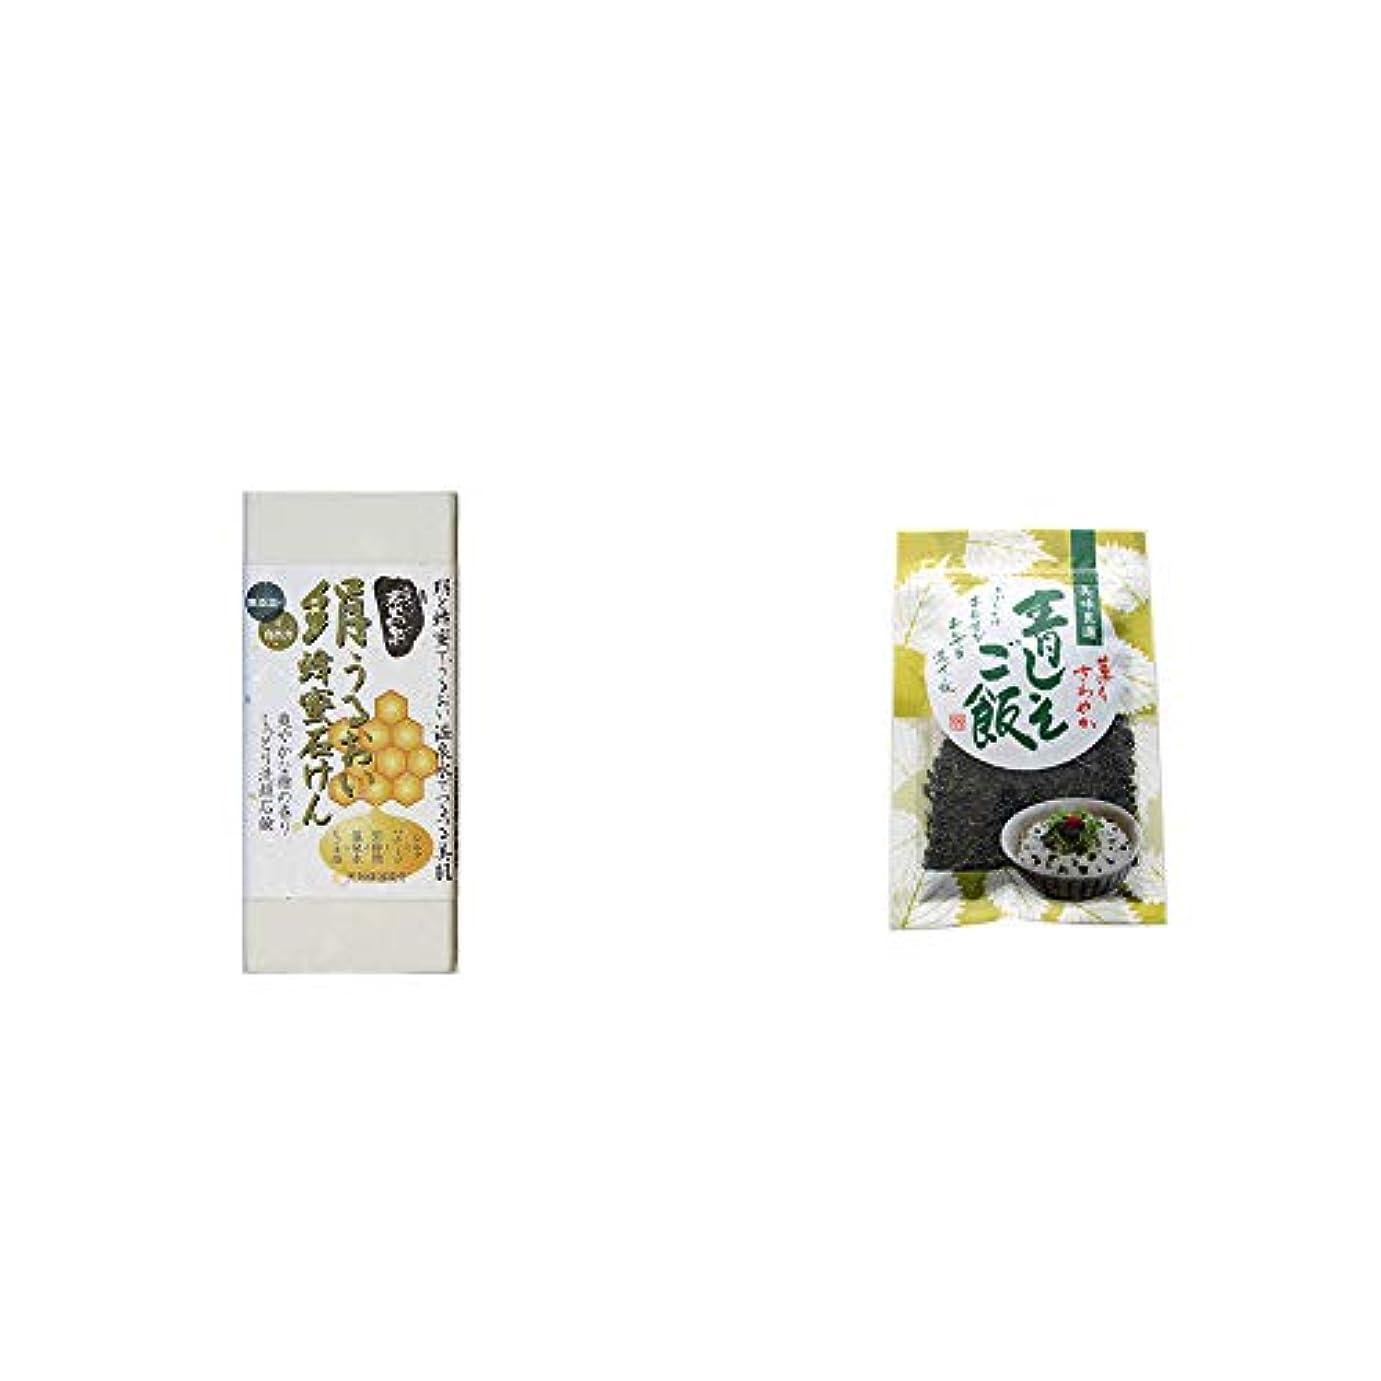 インシデント不明瞭アプローチ[2点セット] ひのき炭黒泉 絹うるおい蜂蜜石けん(75g×2)?薫りさわやか 青しそご飯(80g)